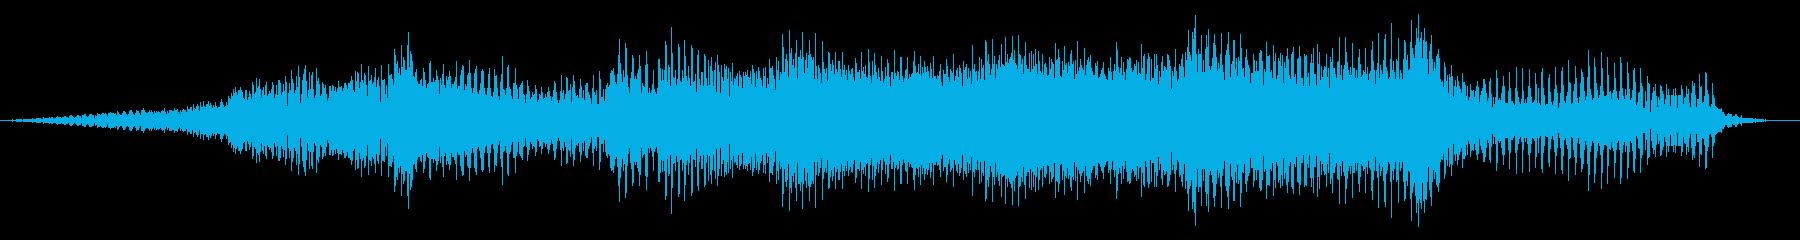 【ダーク】嫌な空気_ハイストリングスの再生済みの波形